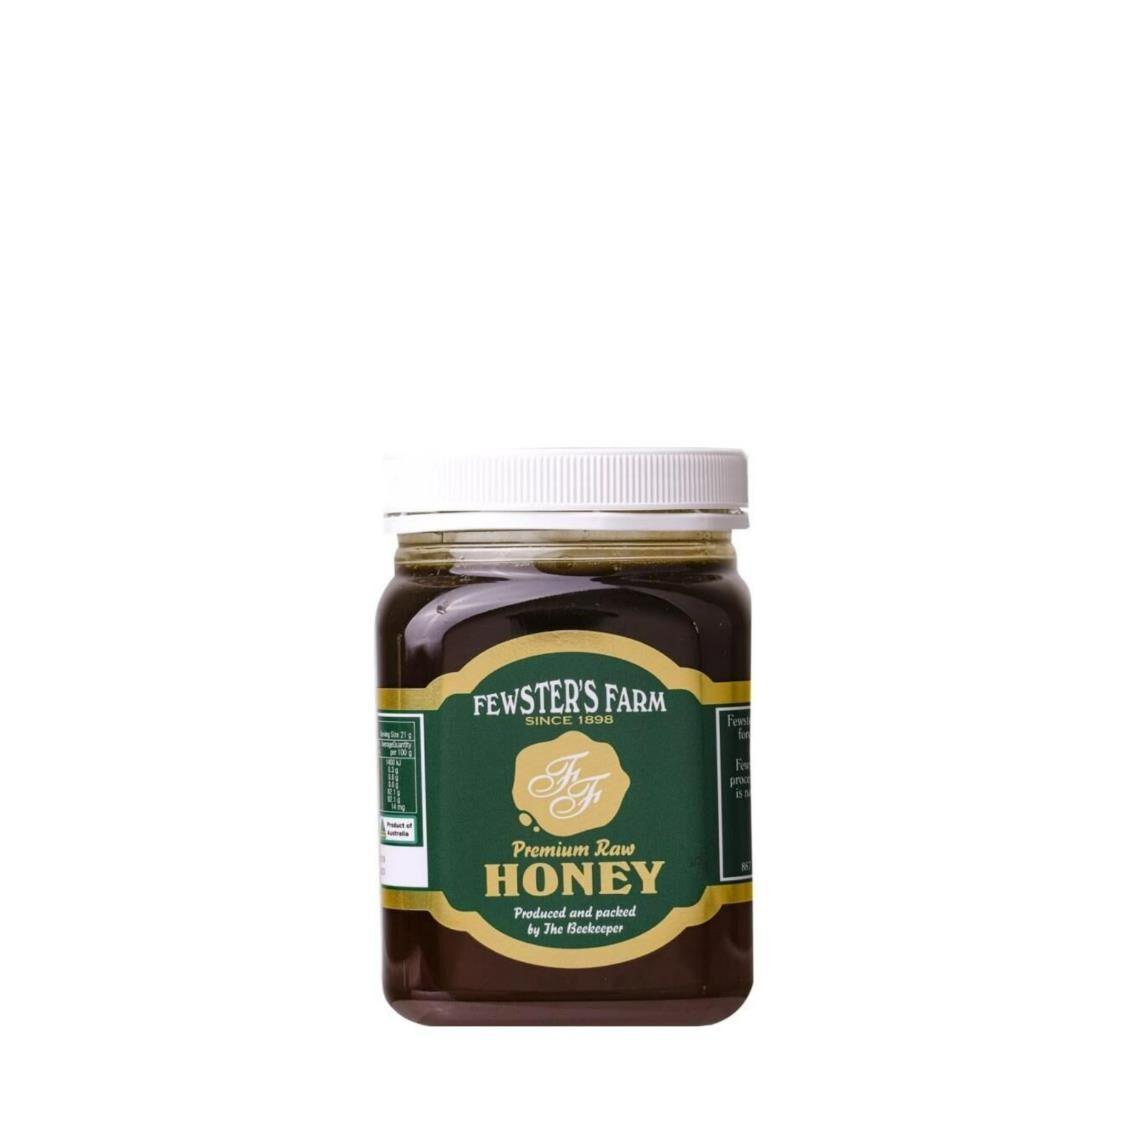 Fewsters Farm Premium Raw Honey 500g